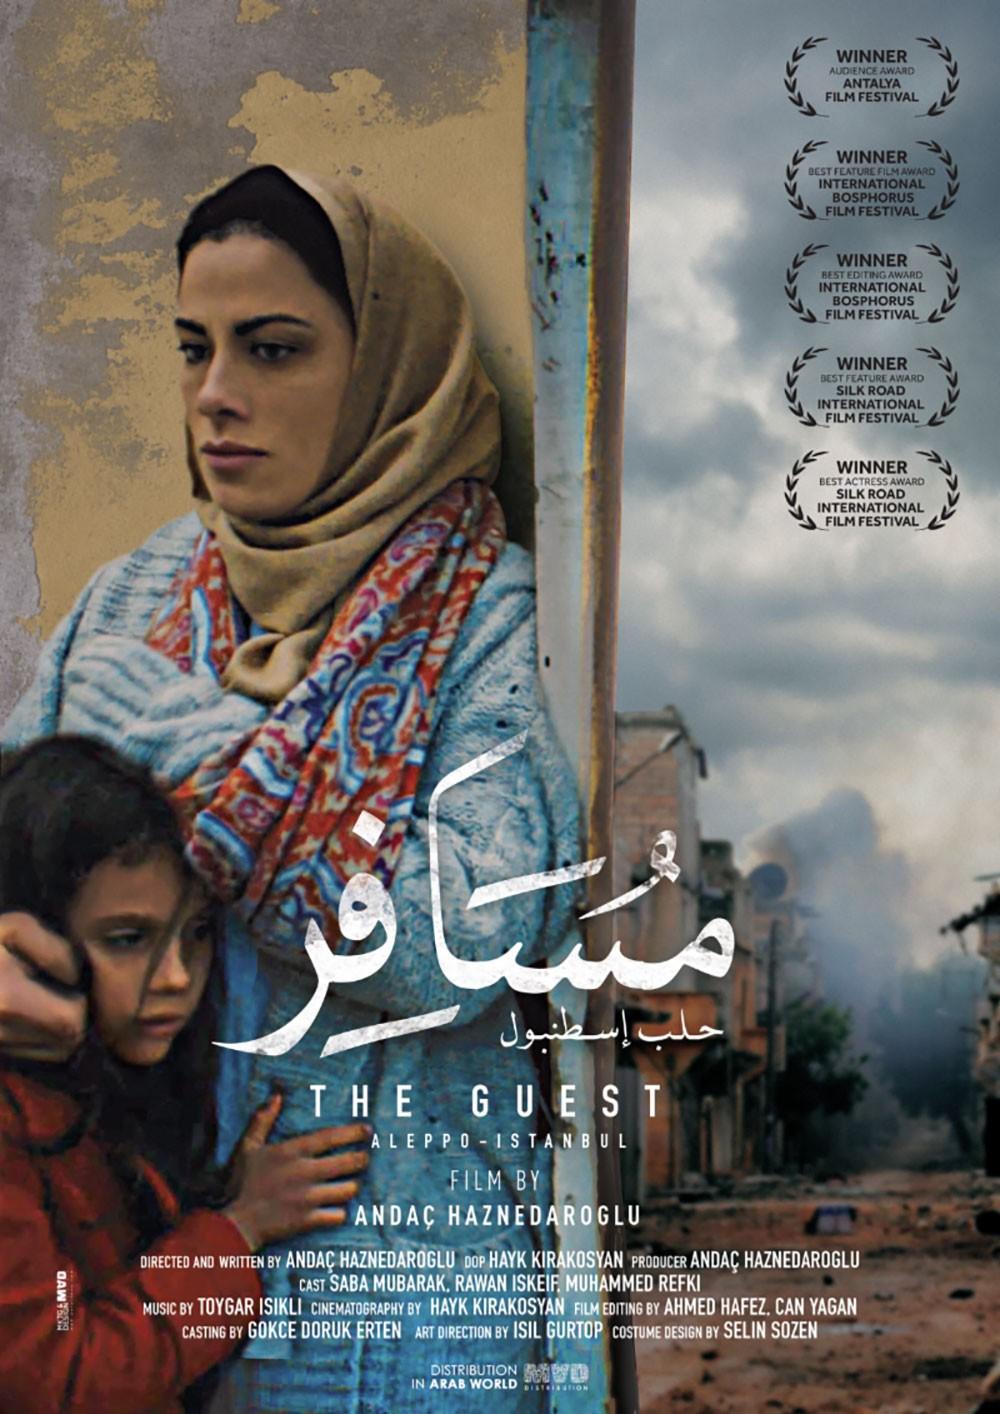 """الكشف عن البوستر الرسمي للفيلم """"مسافر: حلب - إسطنبول"""" ينطلق بدور العرض الأردنية"""